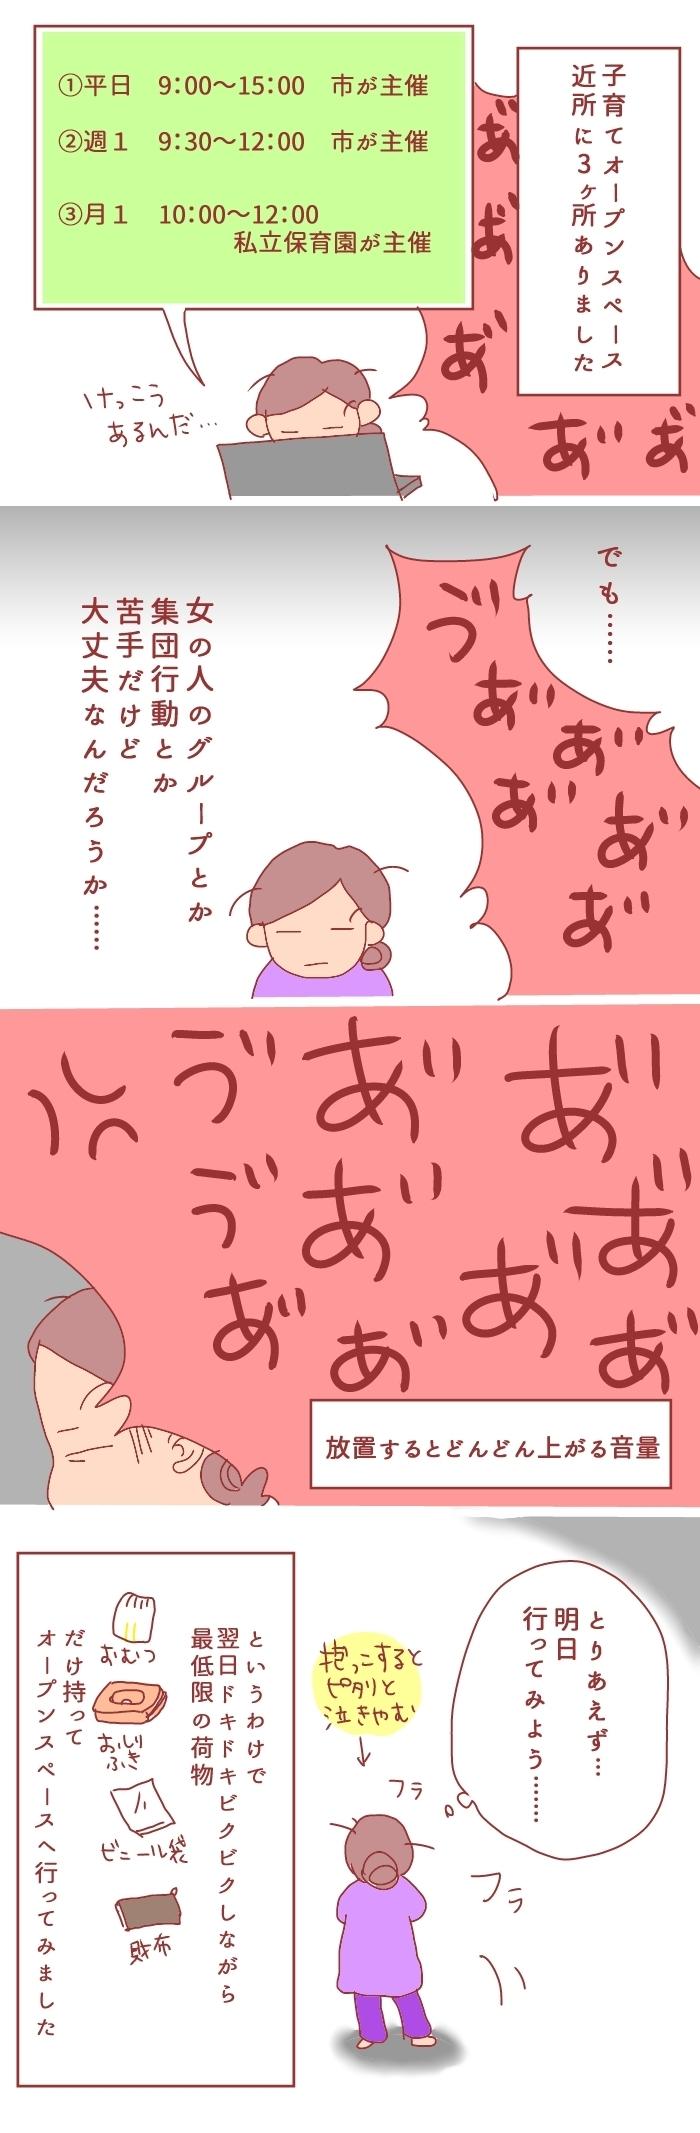 """「大人と話したい!」でも""""ママ友""""ってなんか怖そう…そんなイメージが変わったワケの画像2"""